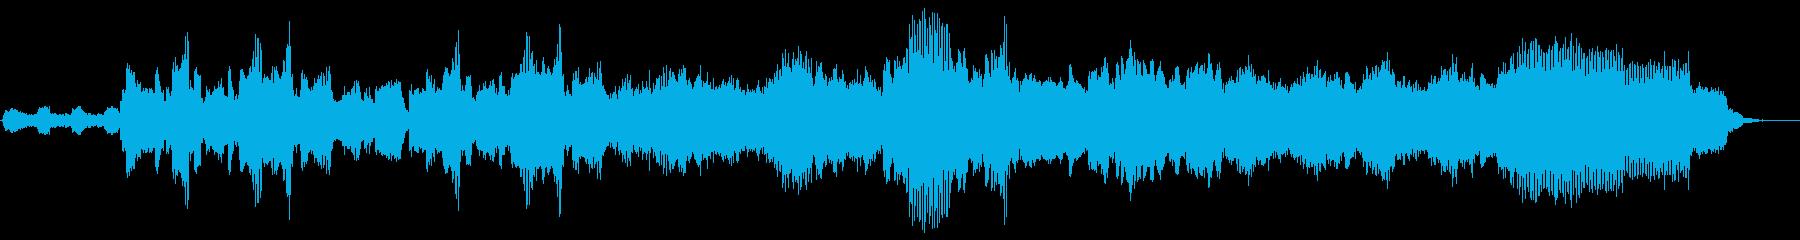 シンセサイザーとオーボエの不思議な曲の再生済みの波形